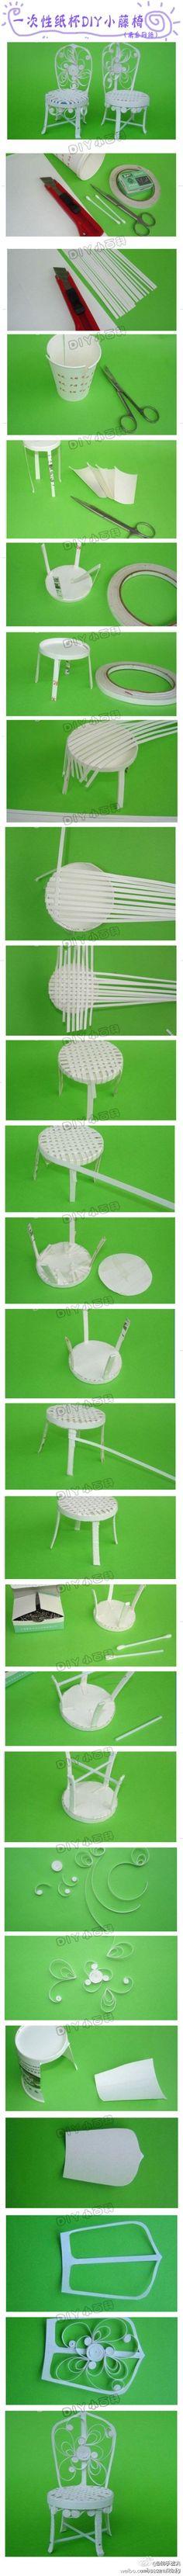 great idea for dollhouses.:)